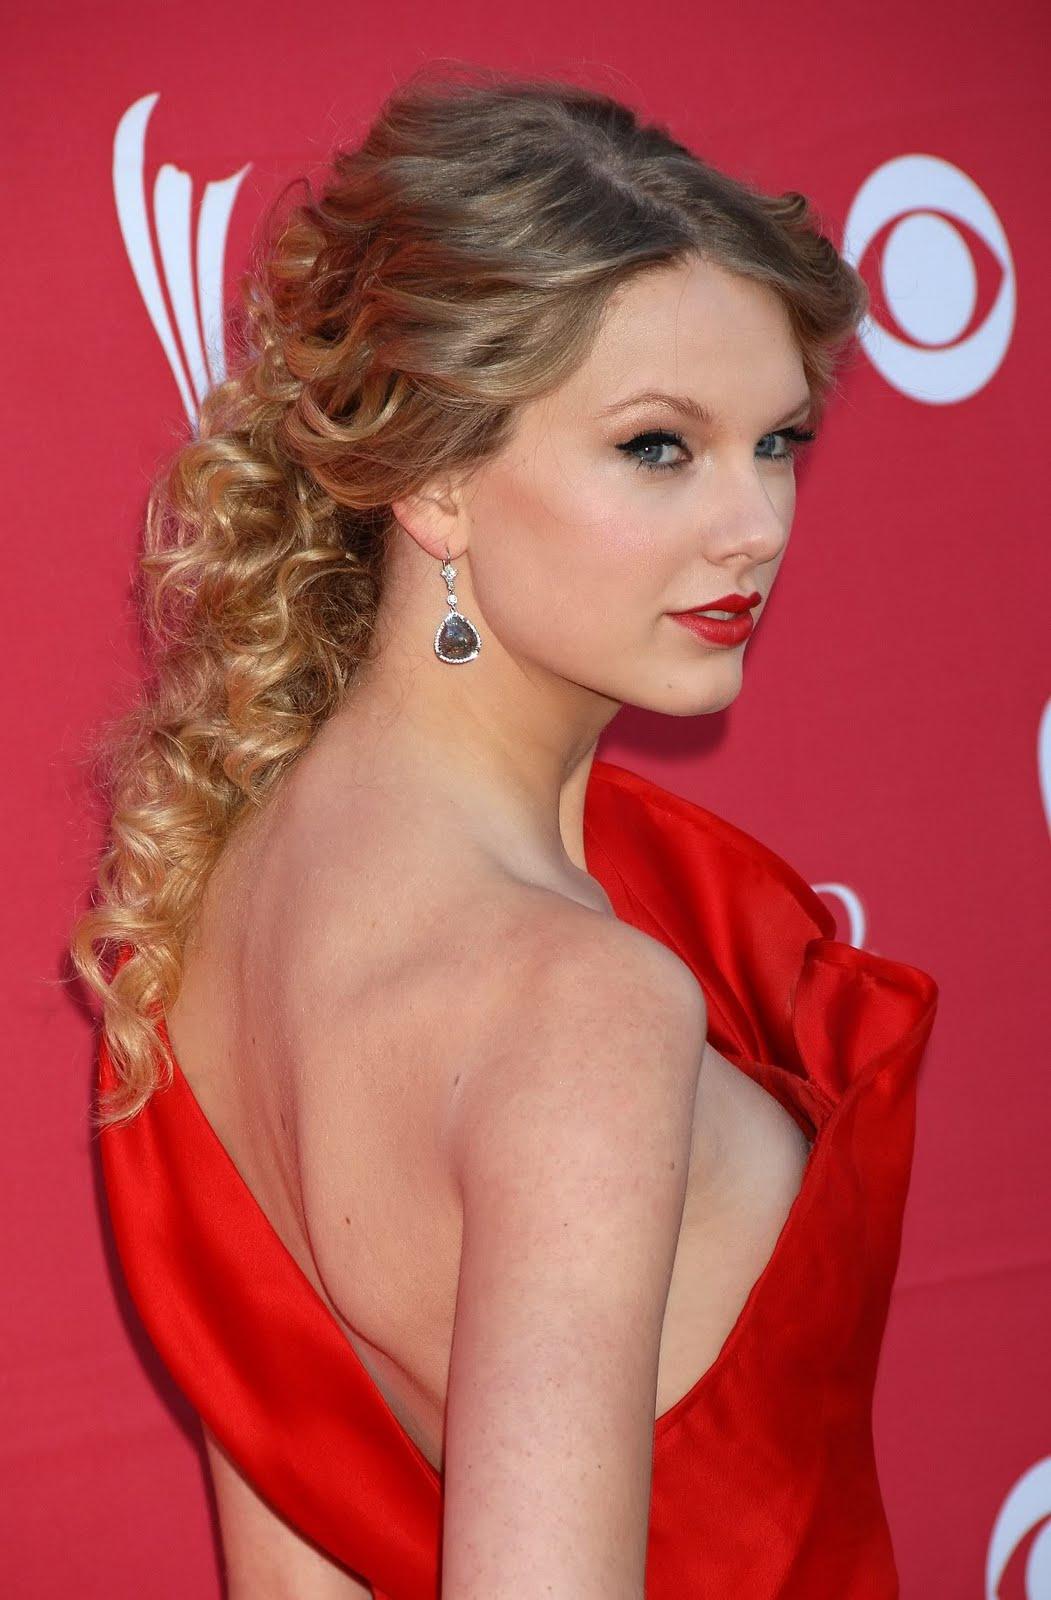 http://1.bp.blogspot.com/_gsI1kkxF2rM/SwqdeDOwVxI/AAAAAAAAAEE/IEM3atshLDU/s1600/Taylor+Swift.jpg